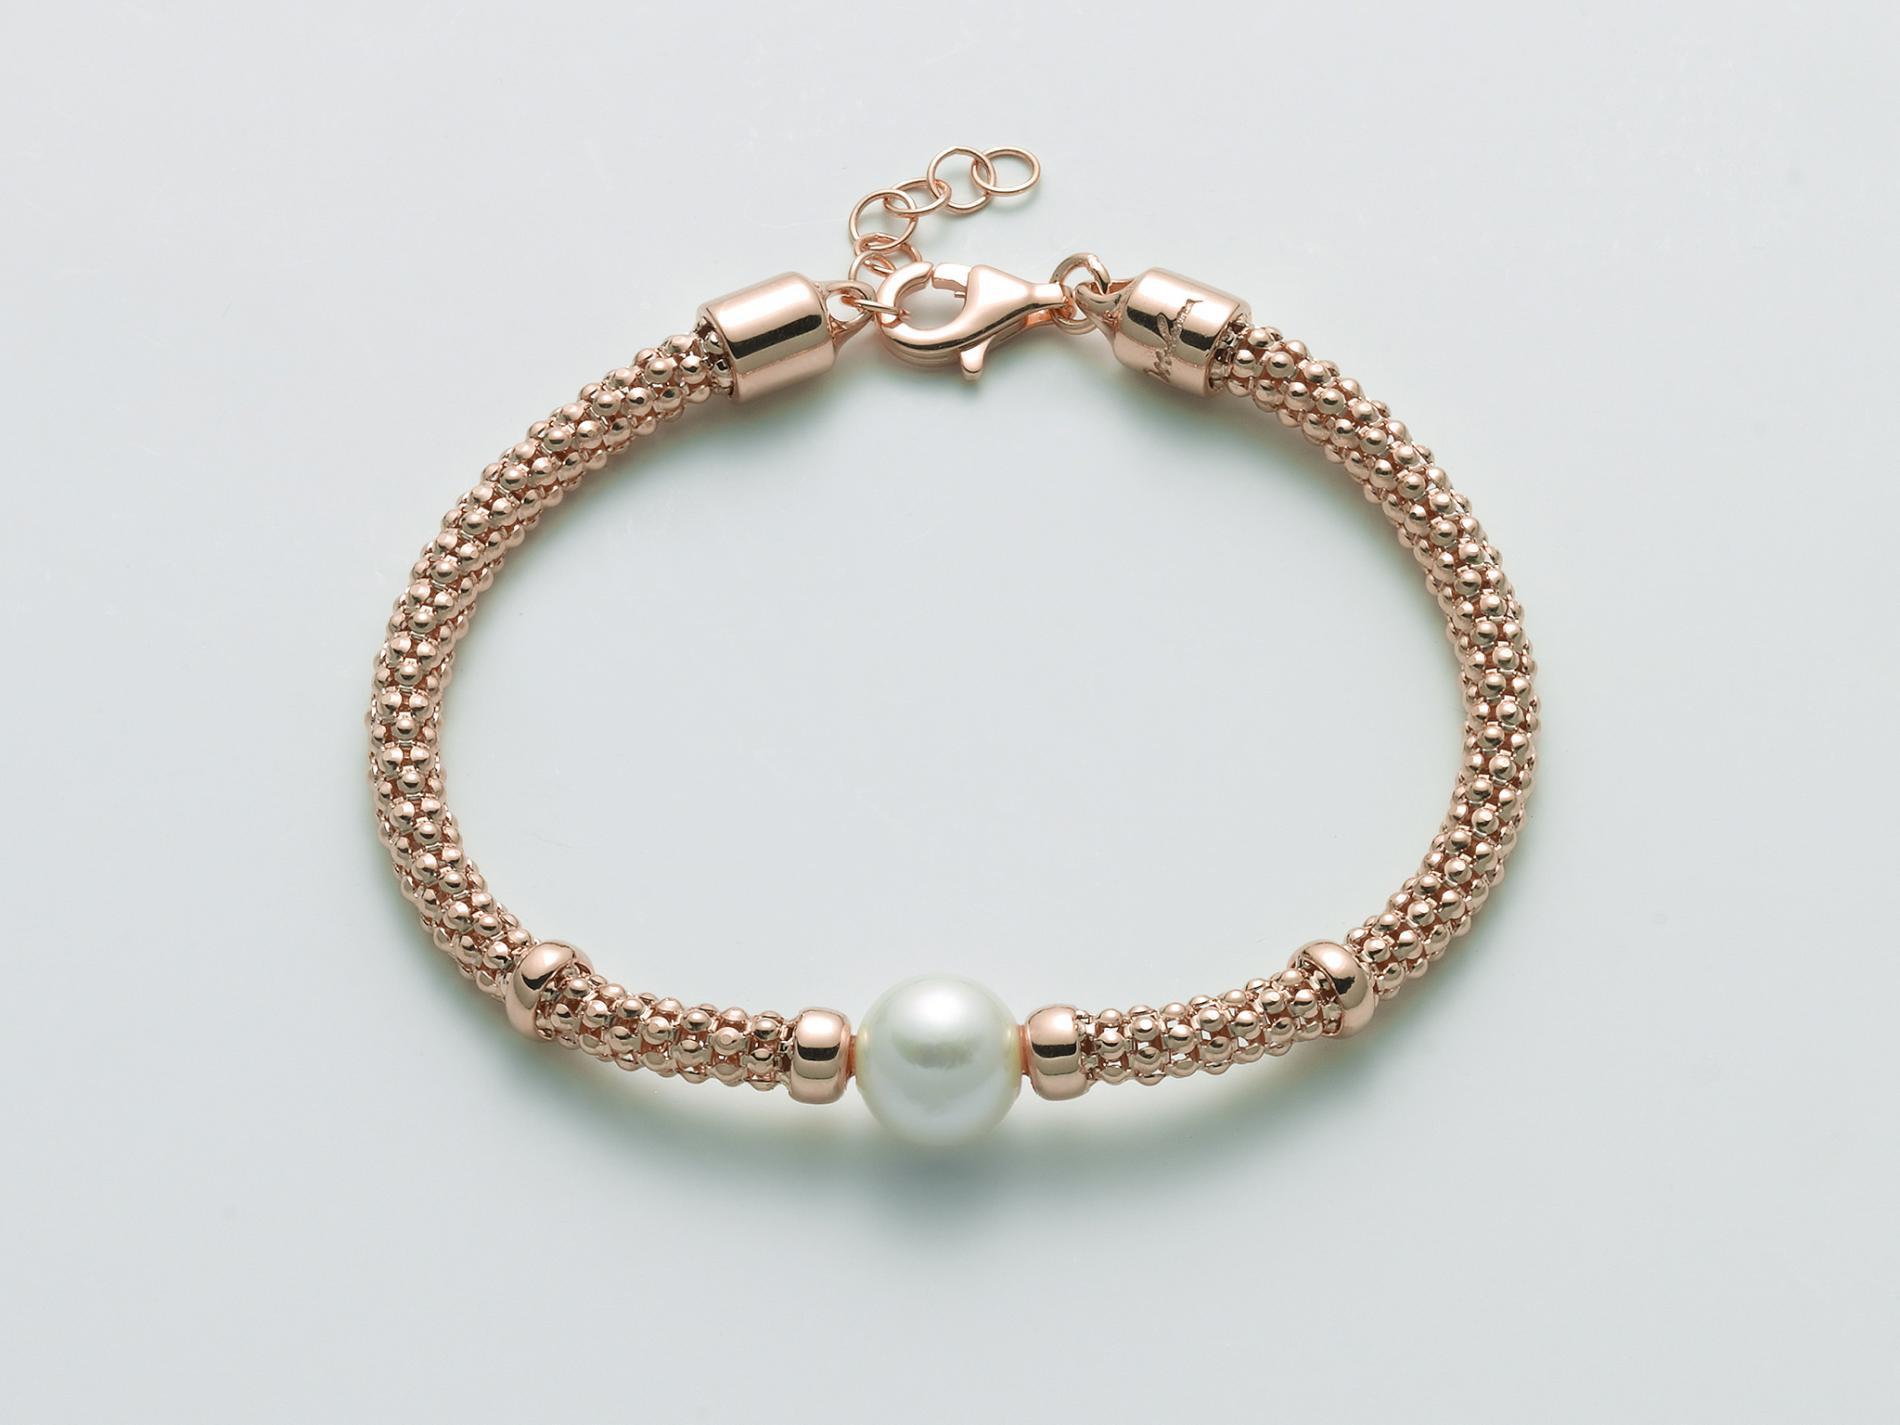 Bracciale argento rosato PBR3026 R